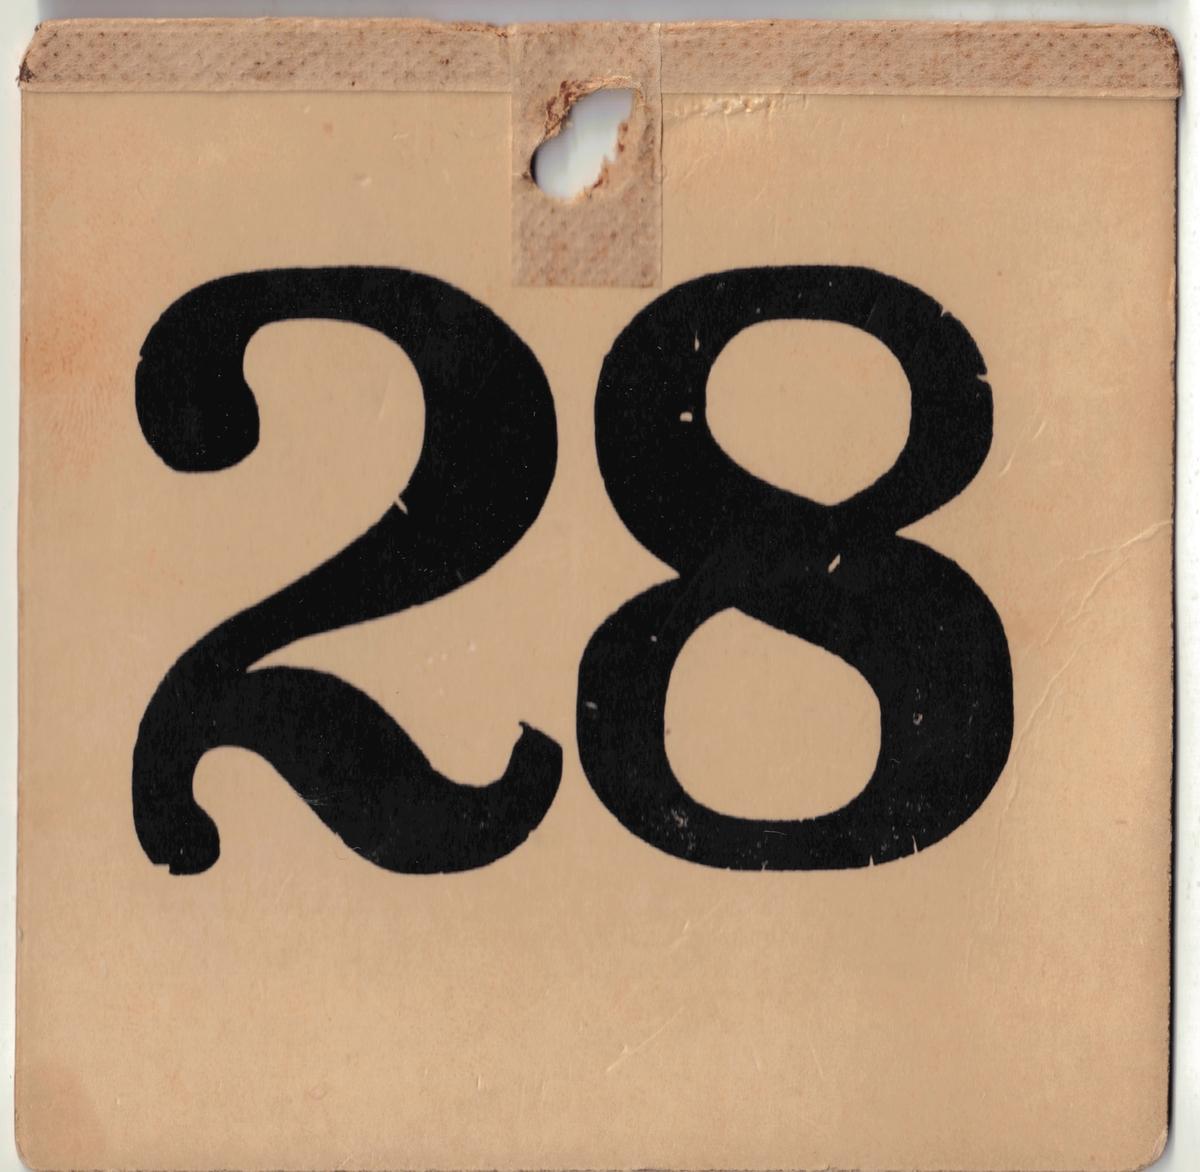 28 kvadratiske nummerlapper i tykk papp med trykte nummer fra 1 til 30 i sort. Nummer 4 og 18 mangler. Hver lapp har et hull så lappen kan festes på tiltaltes bryst. Flere av de tiltalte har skriblet med blyant på nummerlappene.